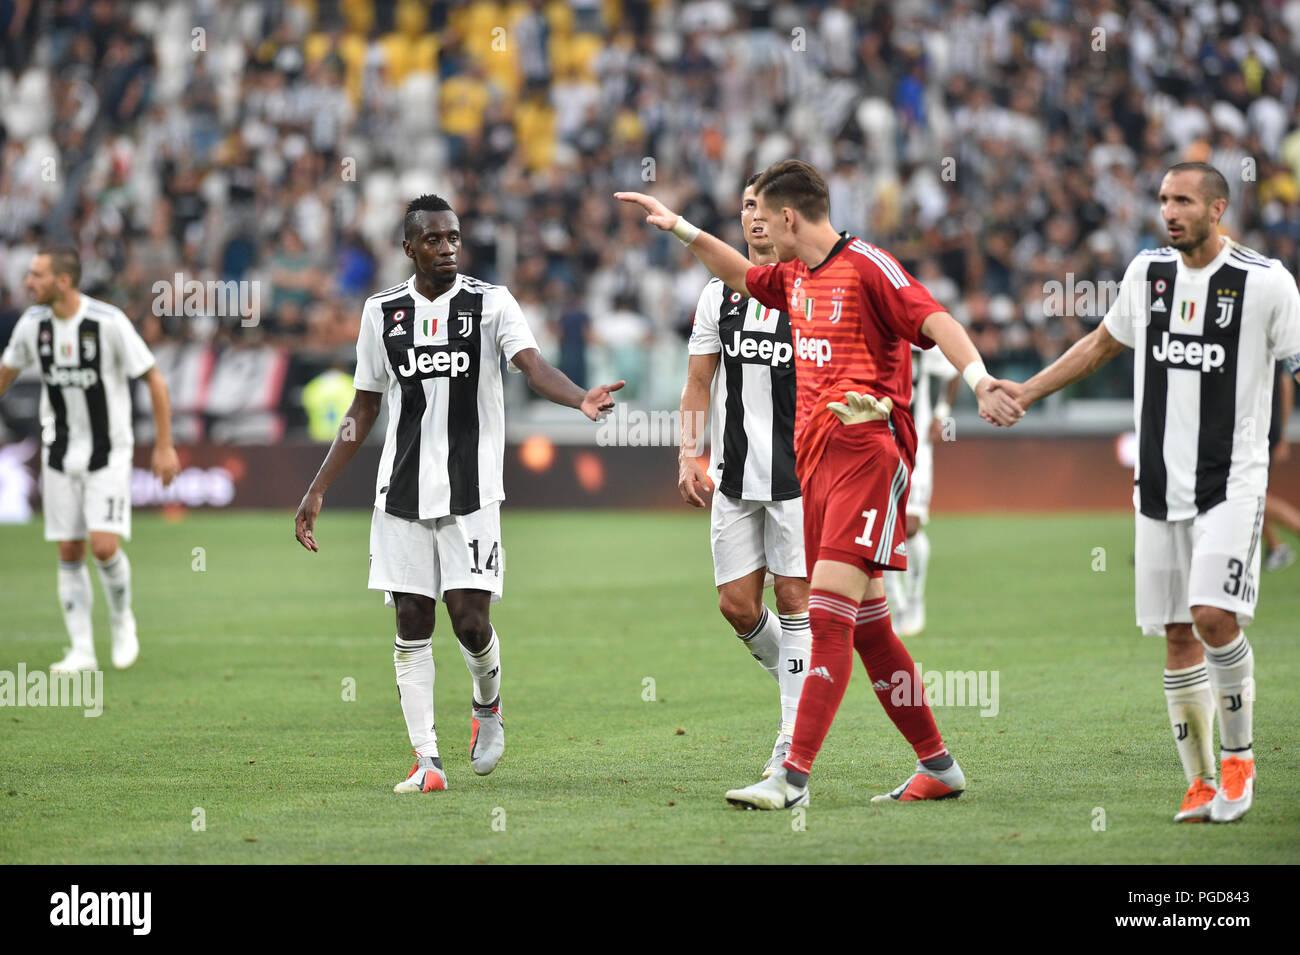 online store 7a52a ebf42 Turin, Italy. 25th Aug, 2018. Wojciech Szczesny (Juventus FC ...